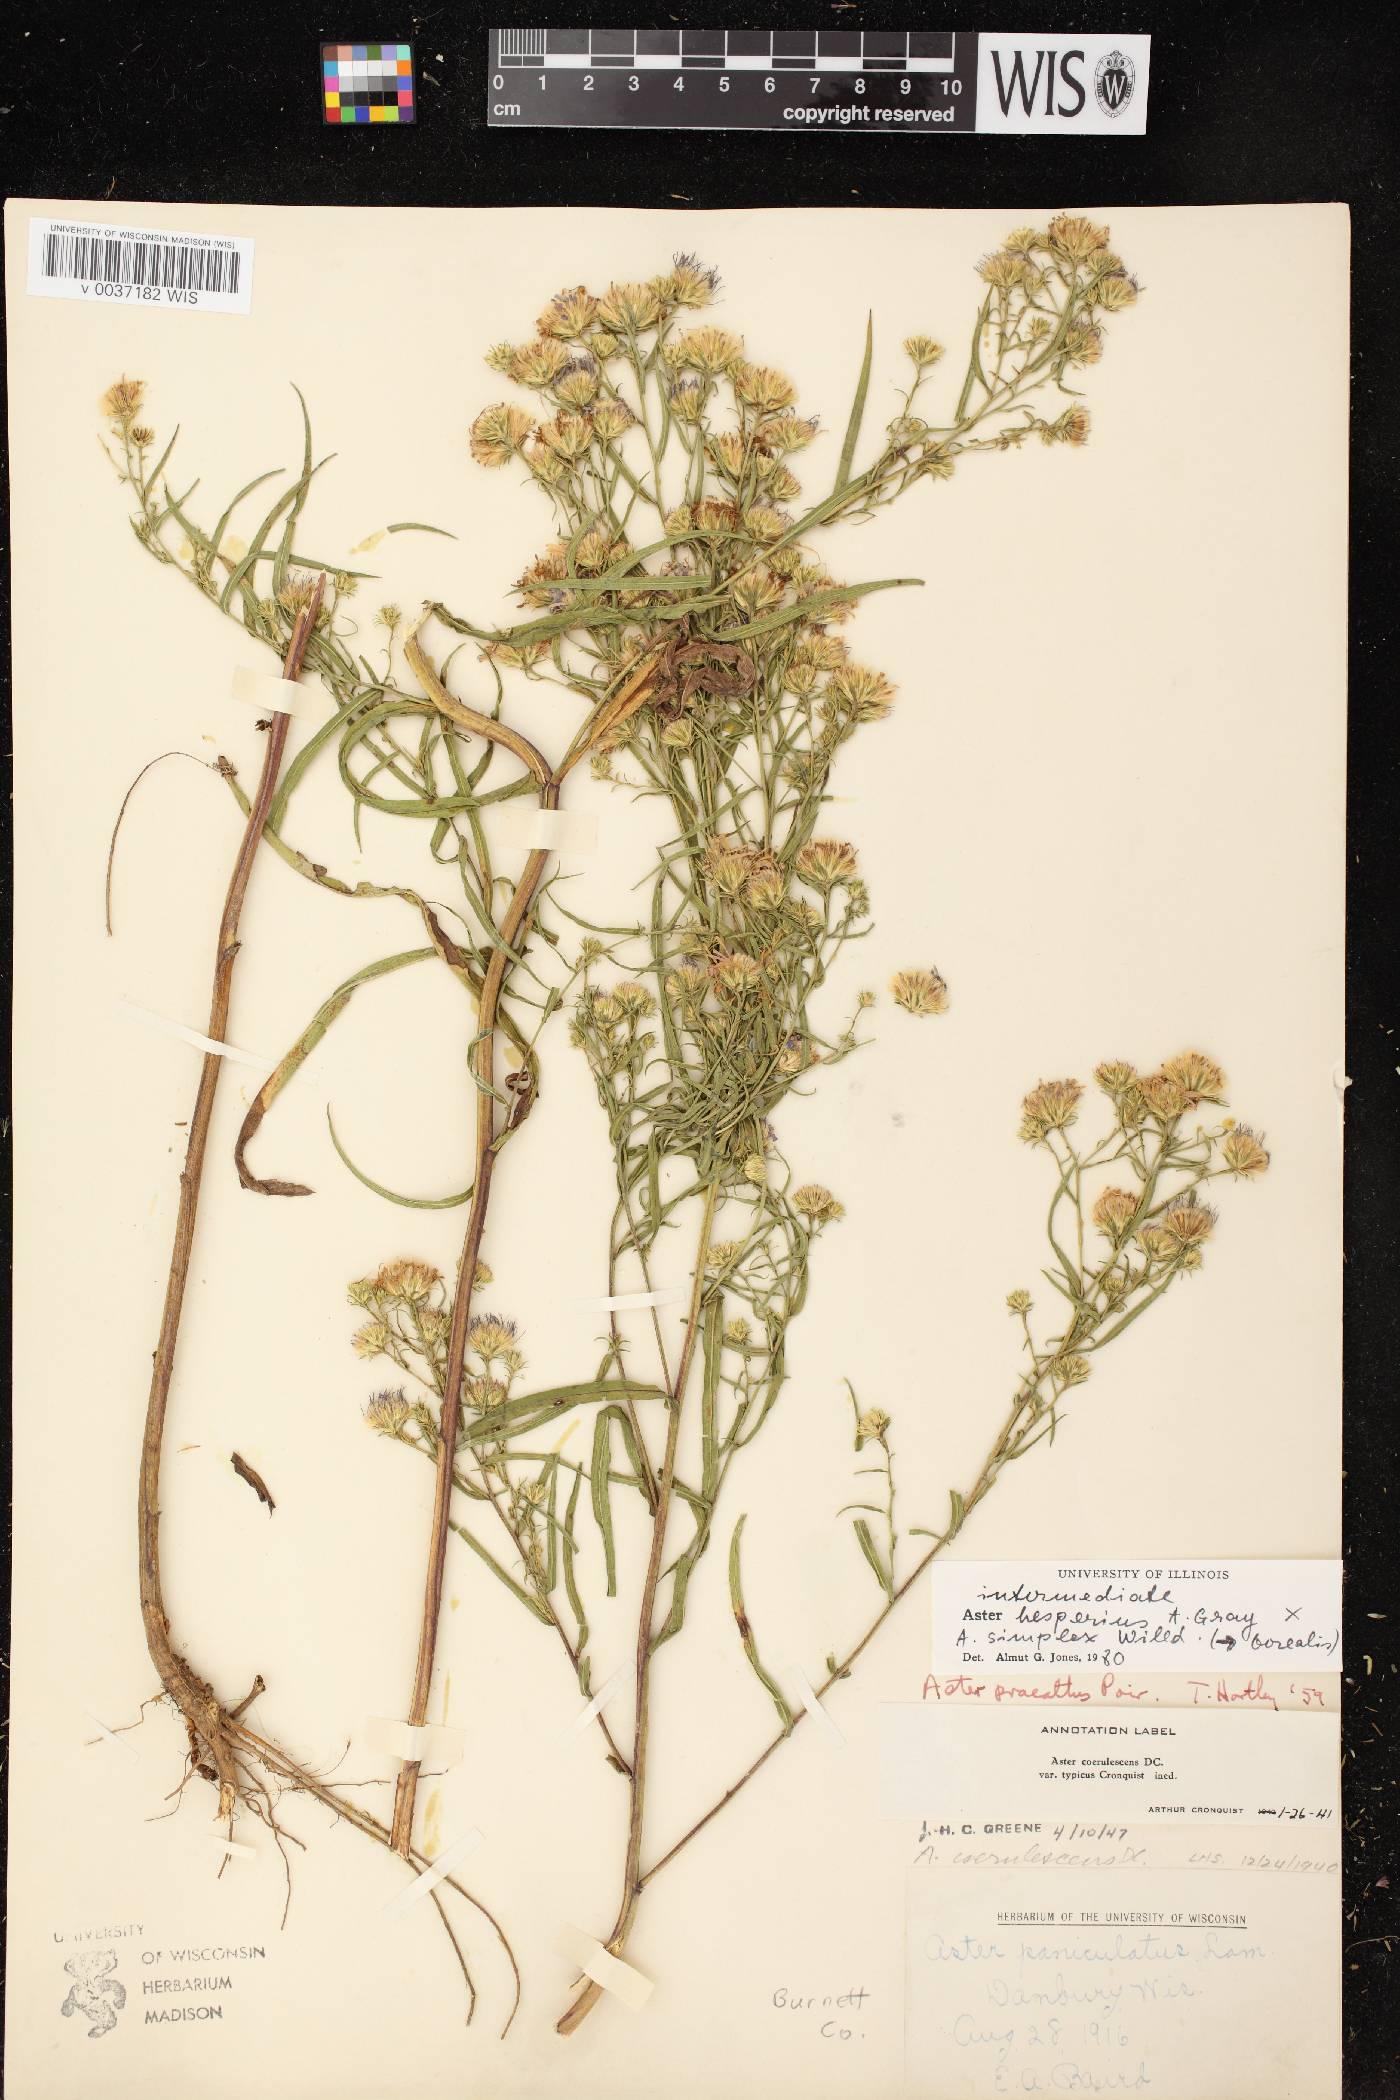 Symphyotrichum lanceolatum var. hesperium X S. lanceolatum var. lanceolatum image